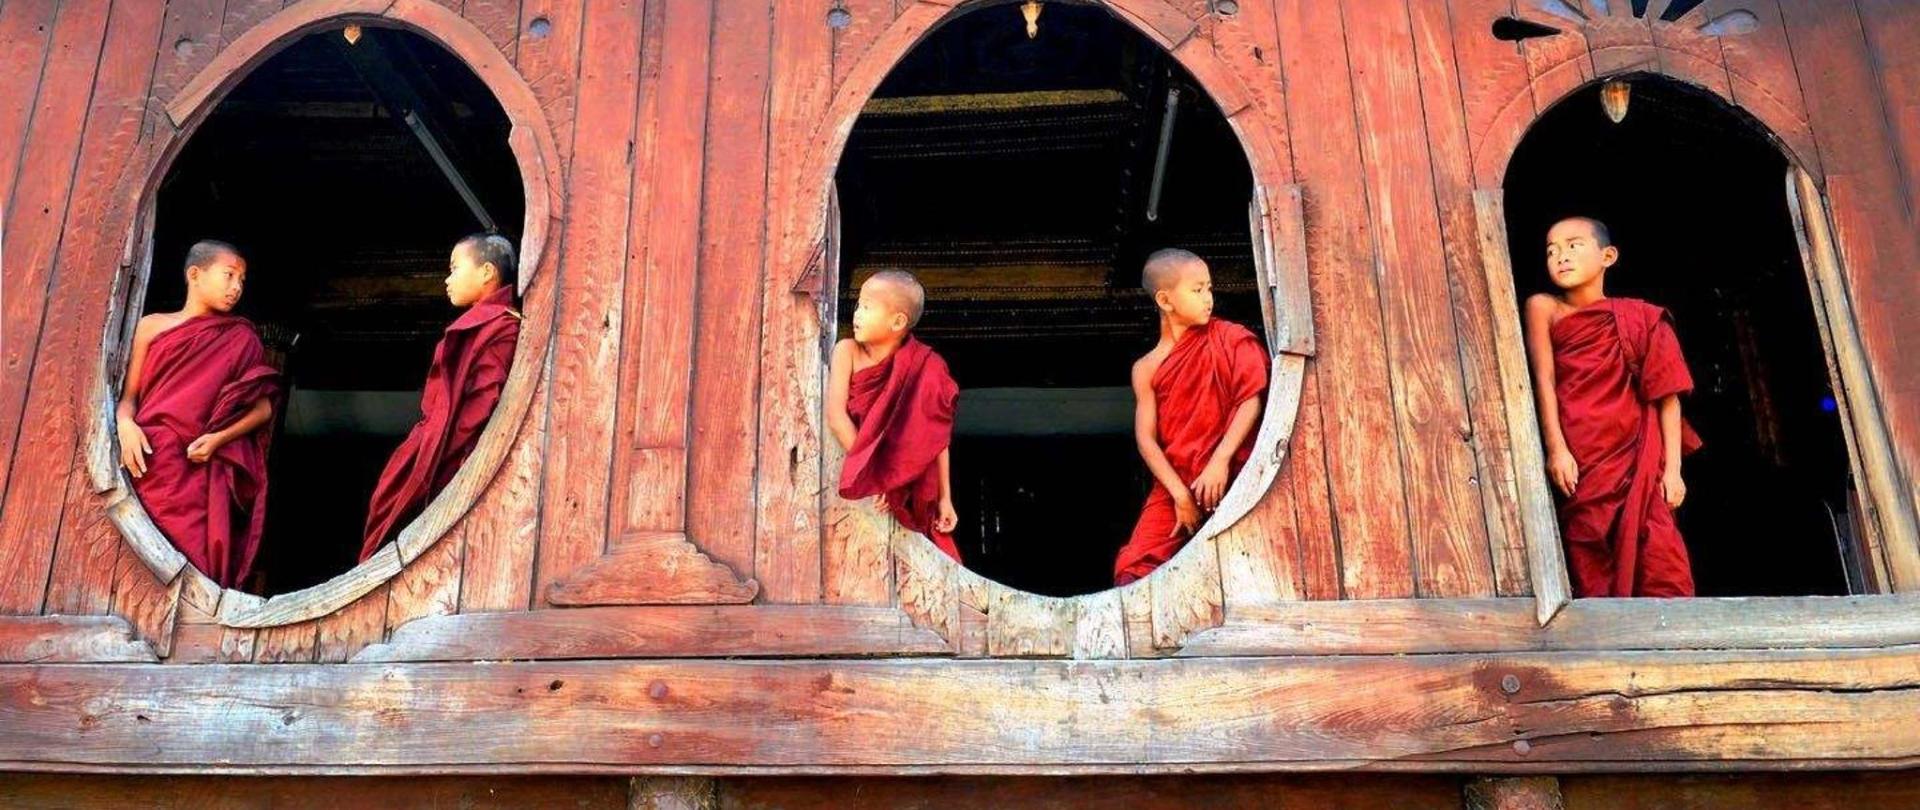 shwe-yan-pyay-monastery-birma-fot-st-bc582aszczyna-30.jpg